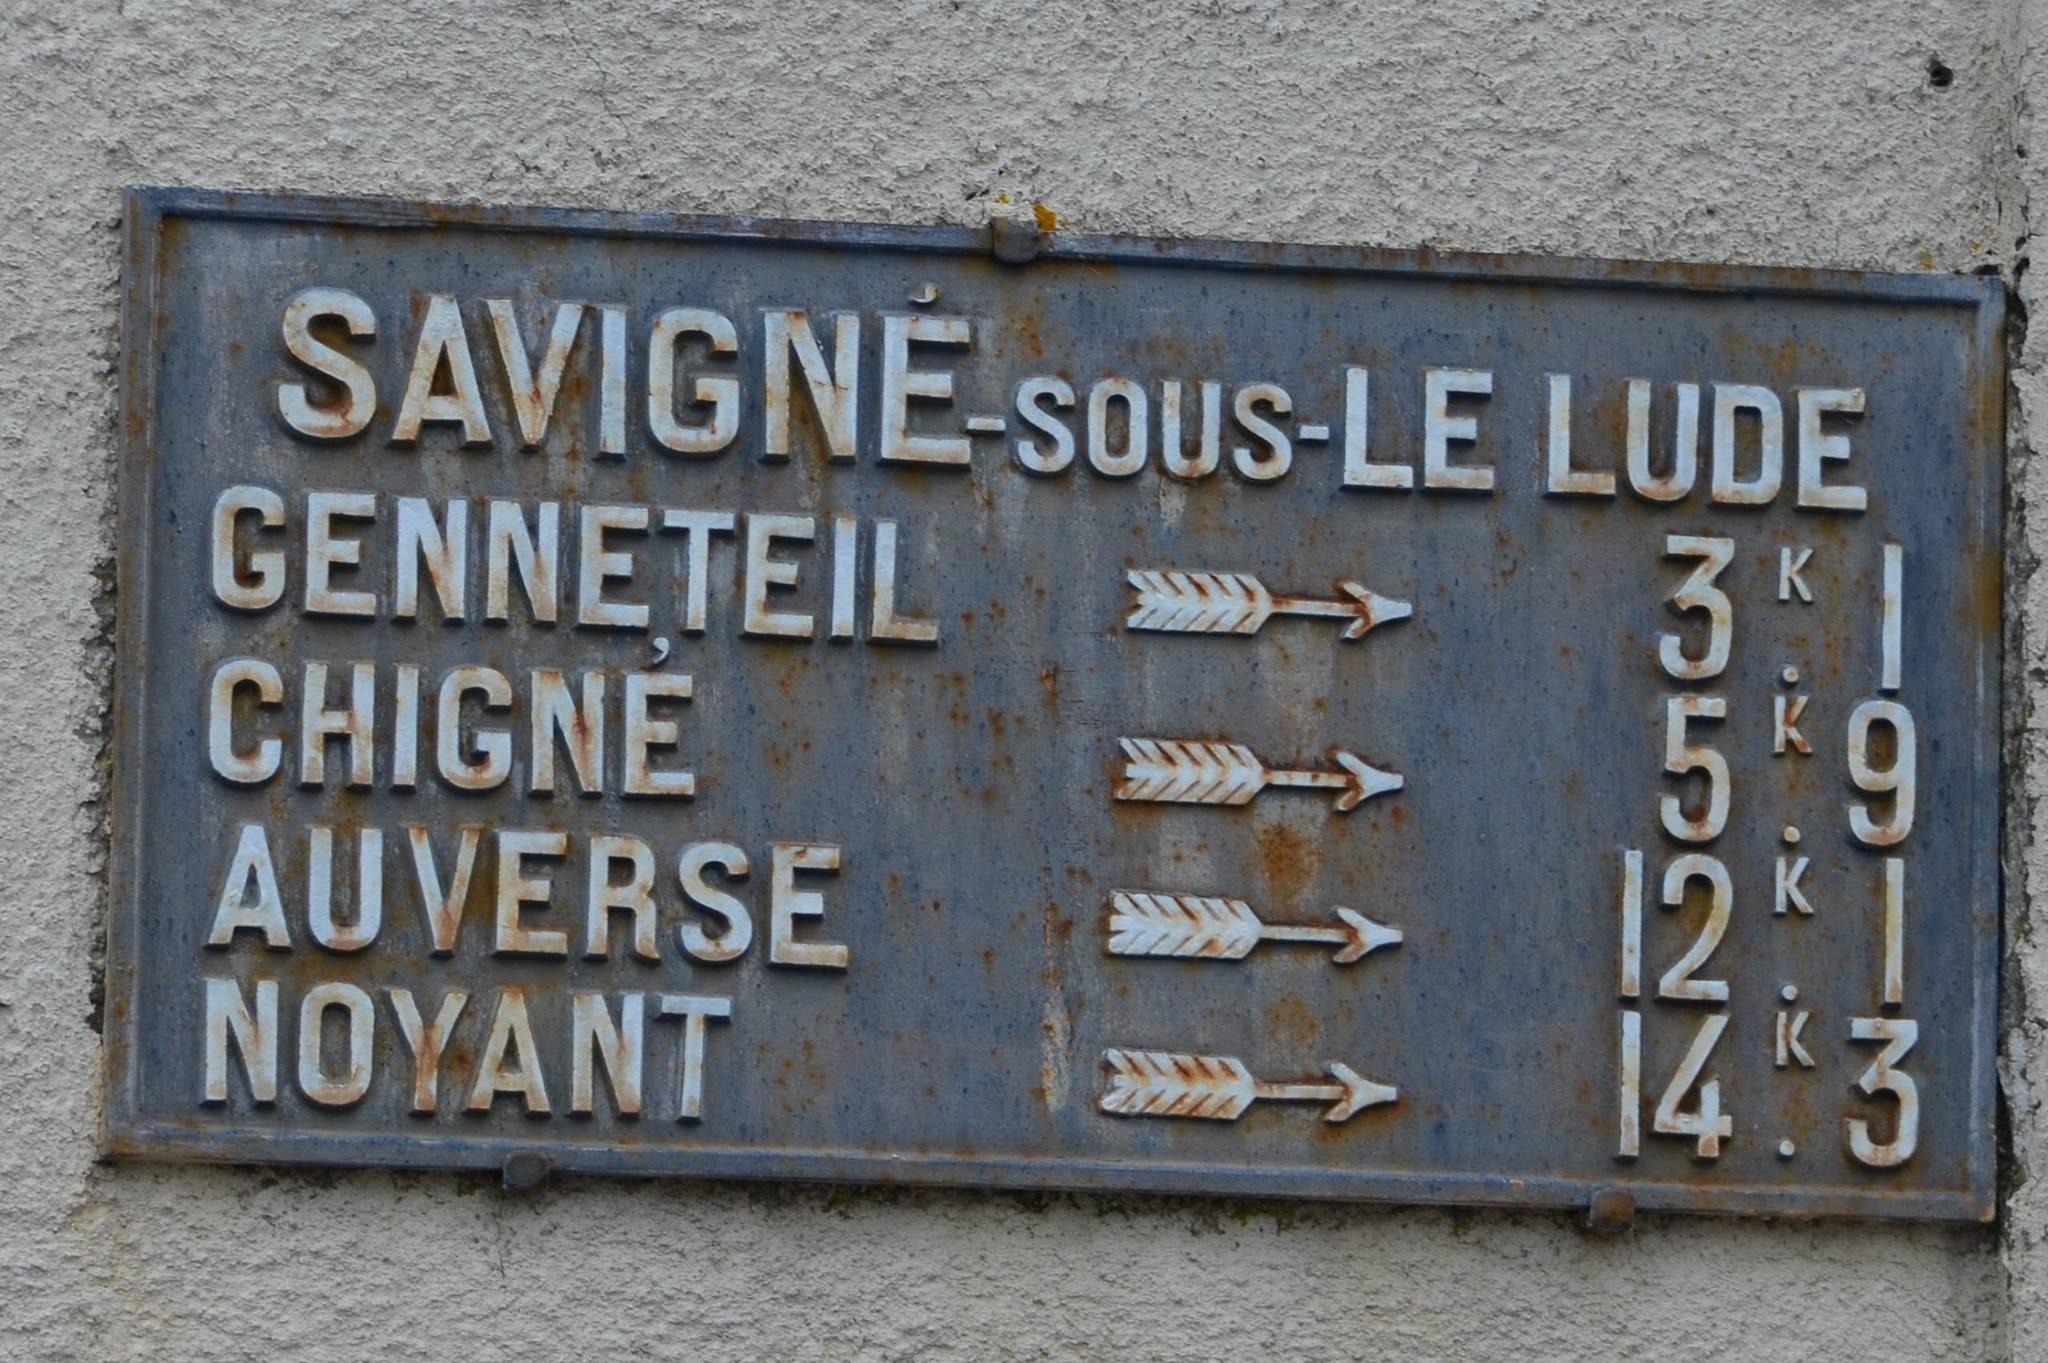 Savigné sous le Lude - Plaque de cocher - Genneteil - Chigné - Auverse - Noyant (San Doni)